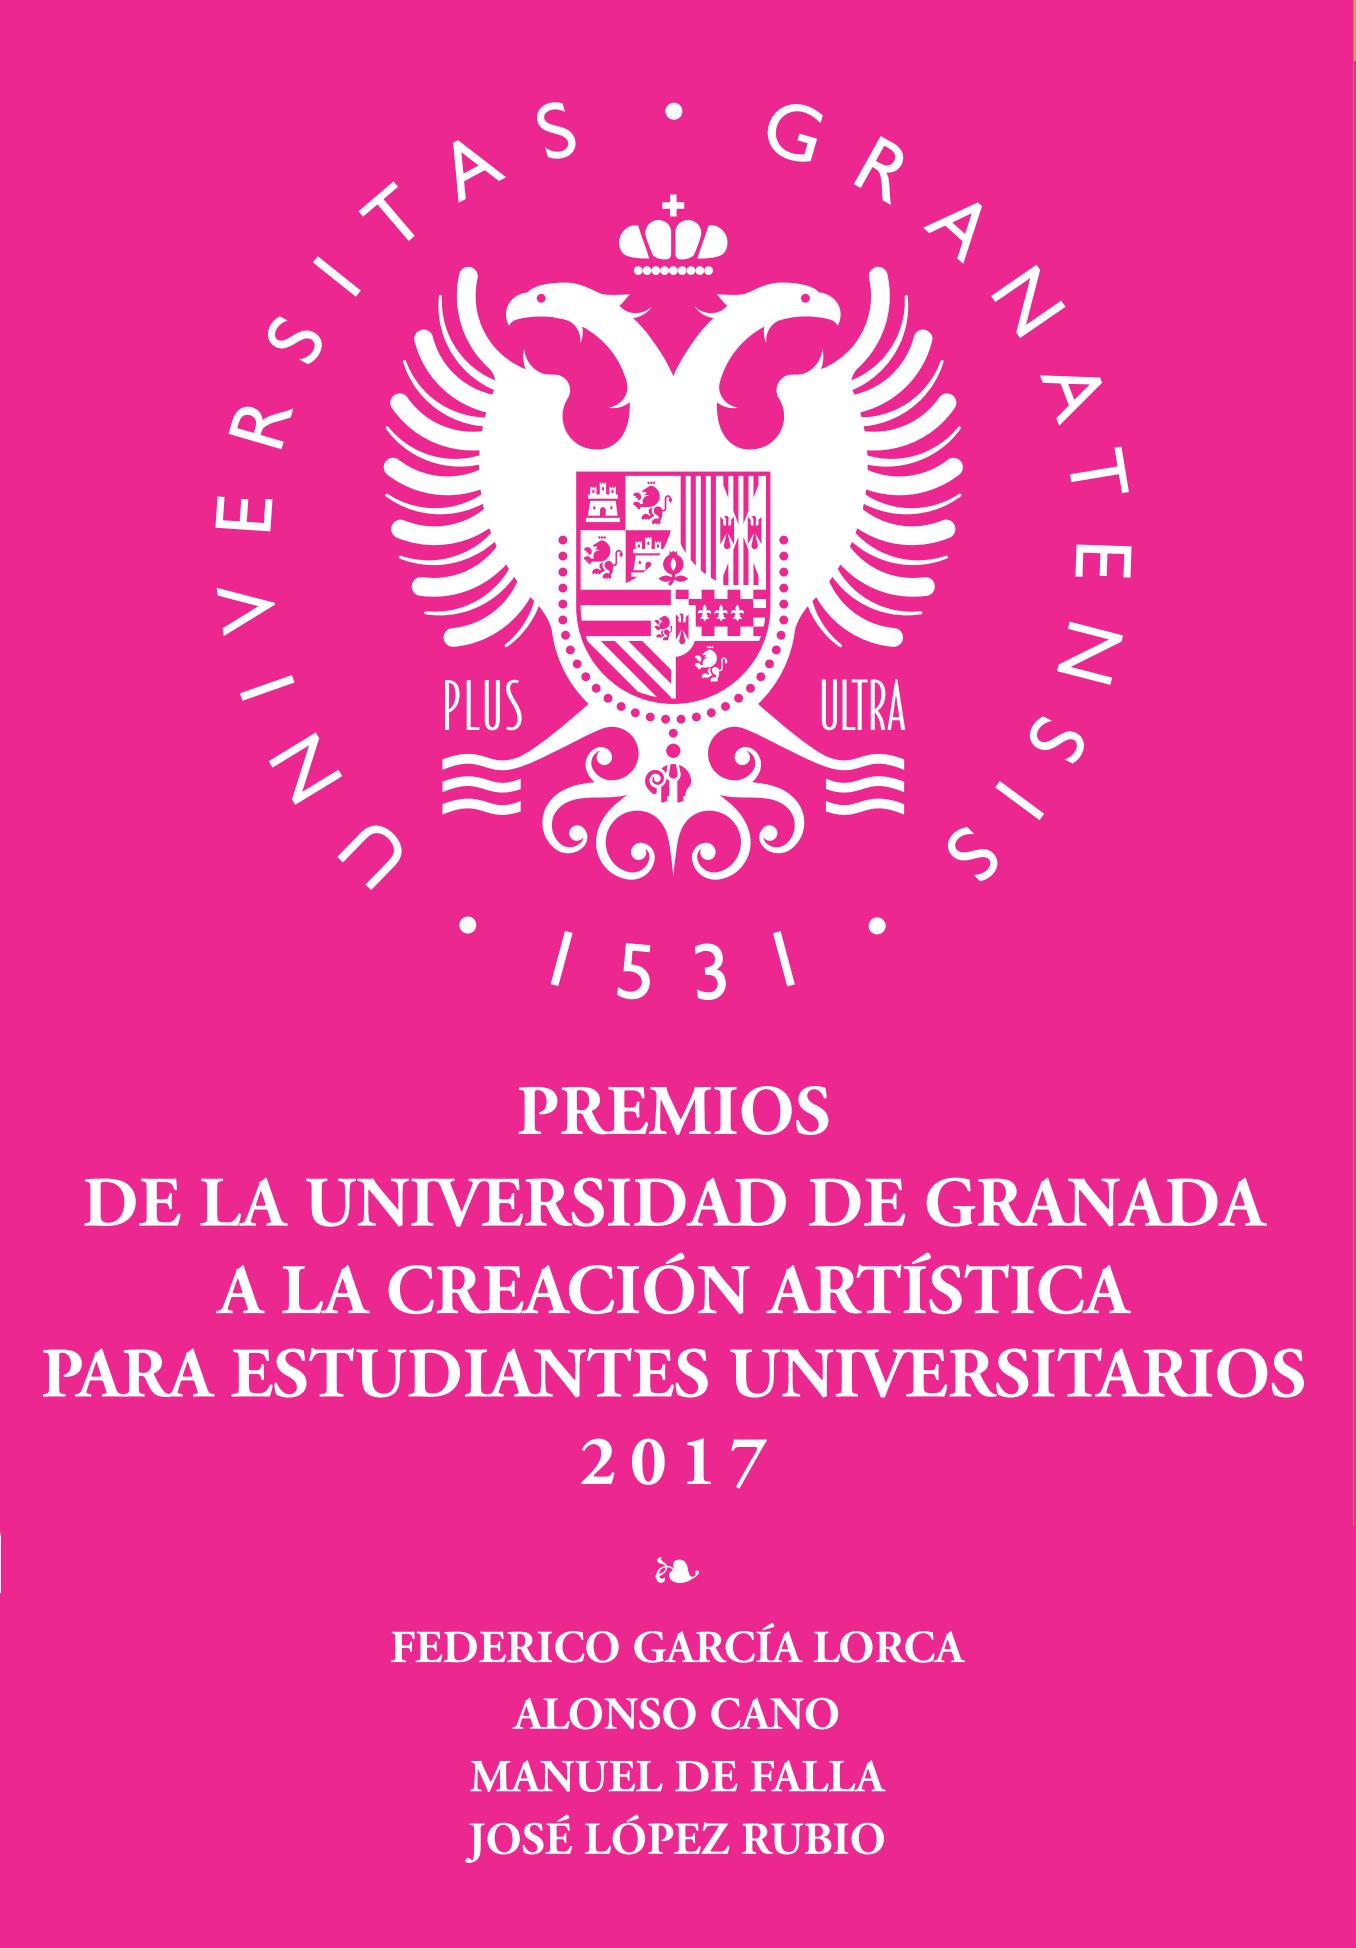 El Giraldillo - Todos los eventos del 8 de Junio en Andalucía